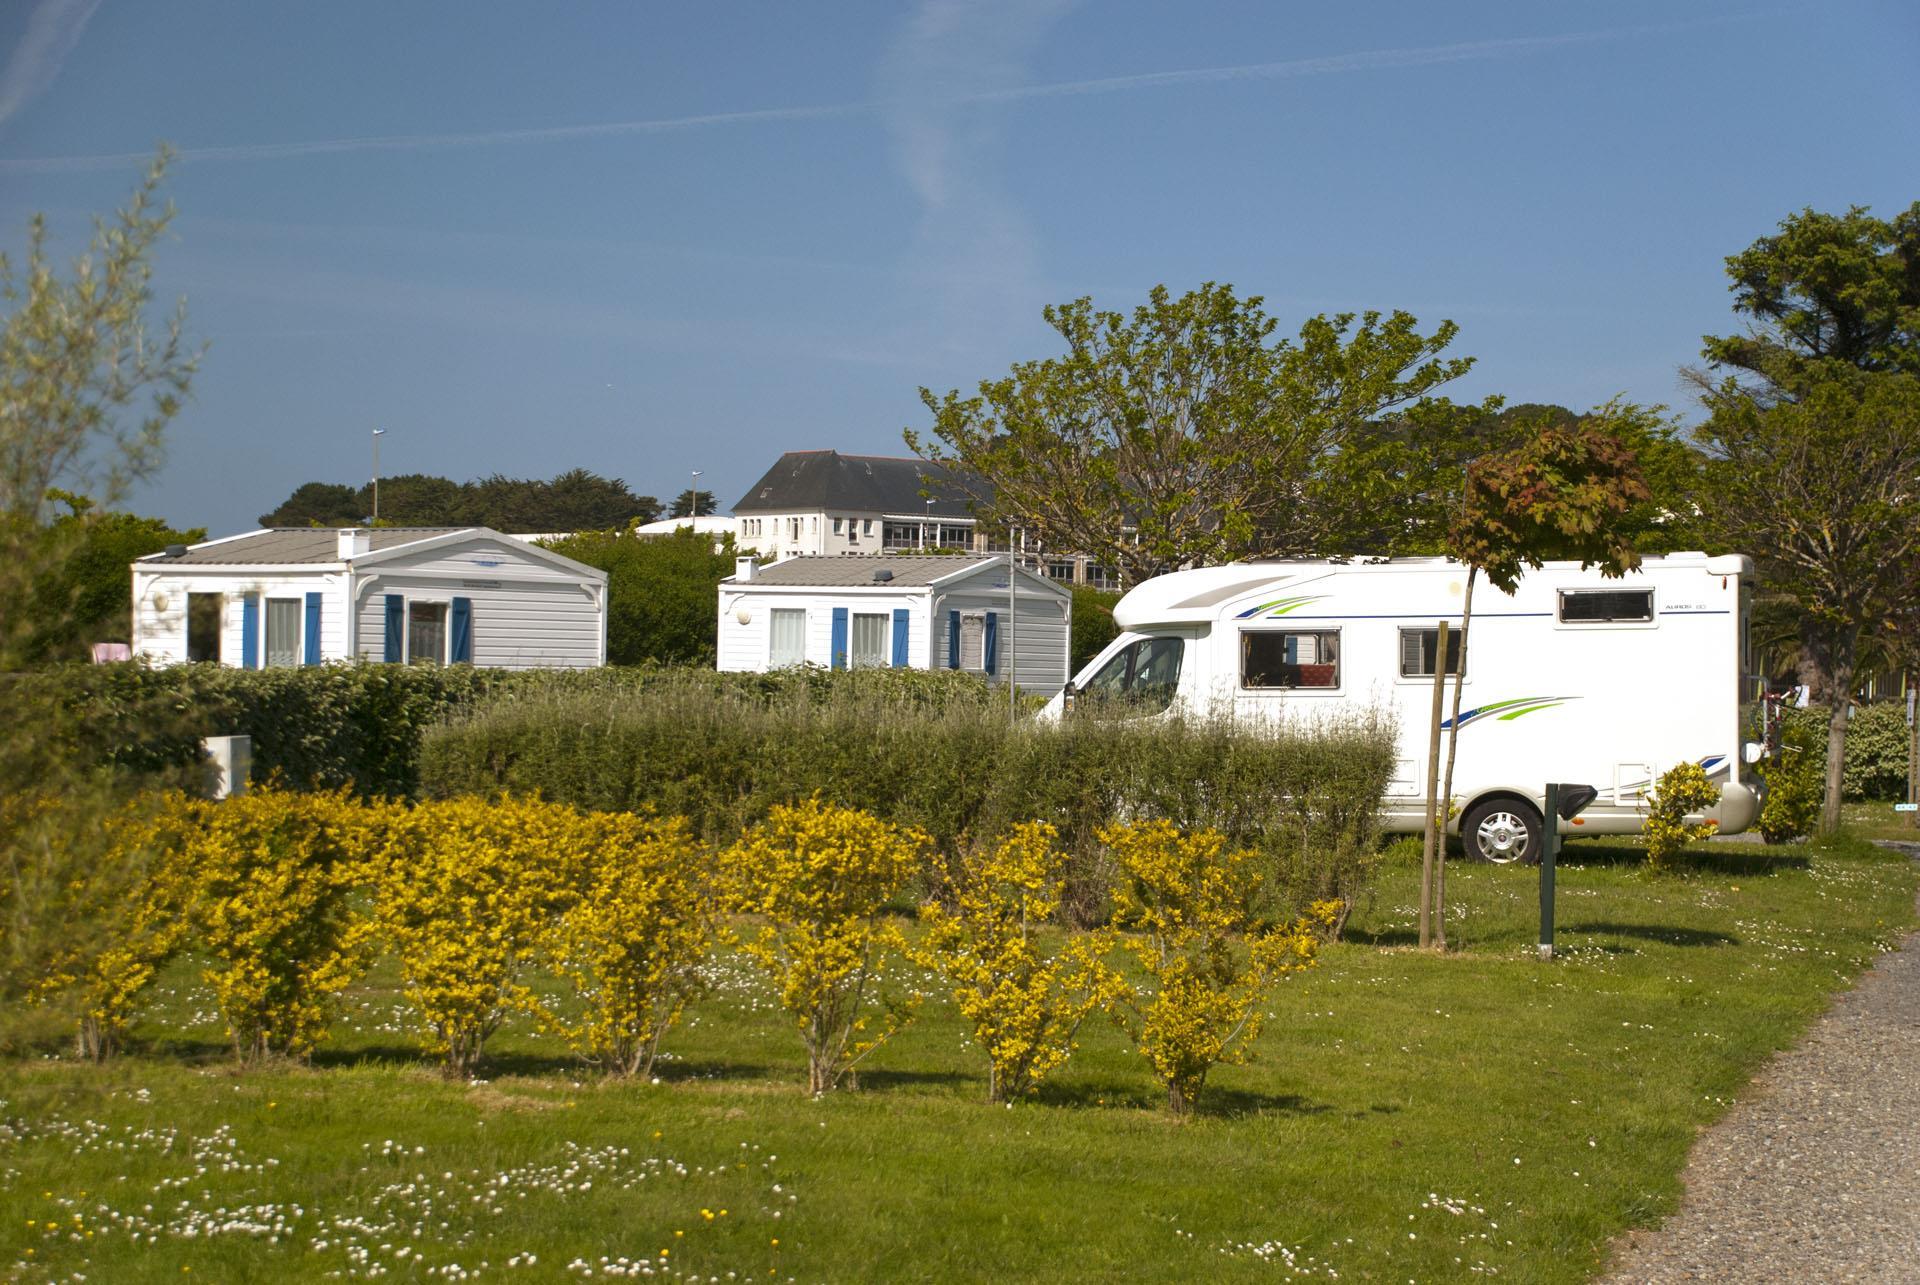 Camping le Mat, Trevou-Treguignec, Côtes-d'Armor